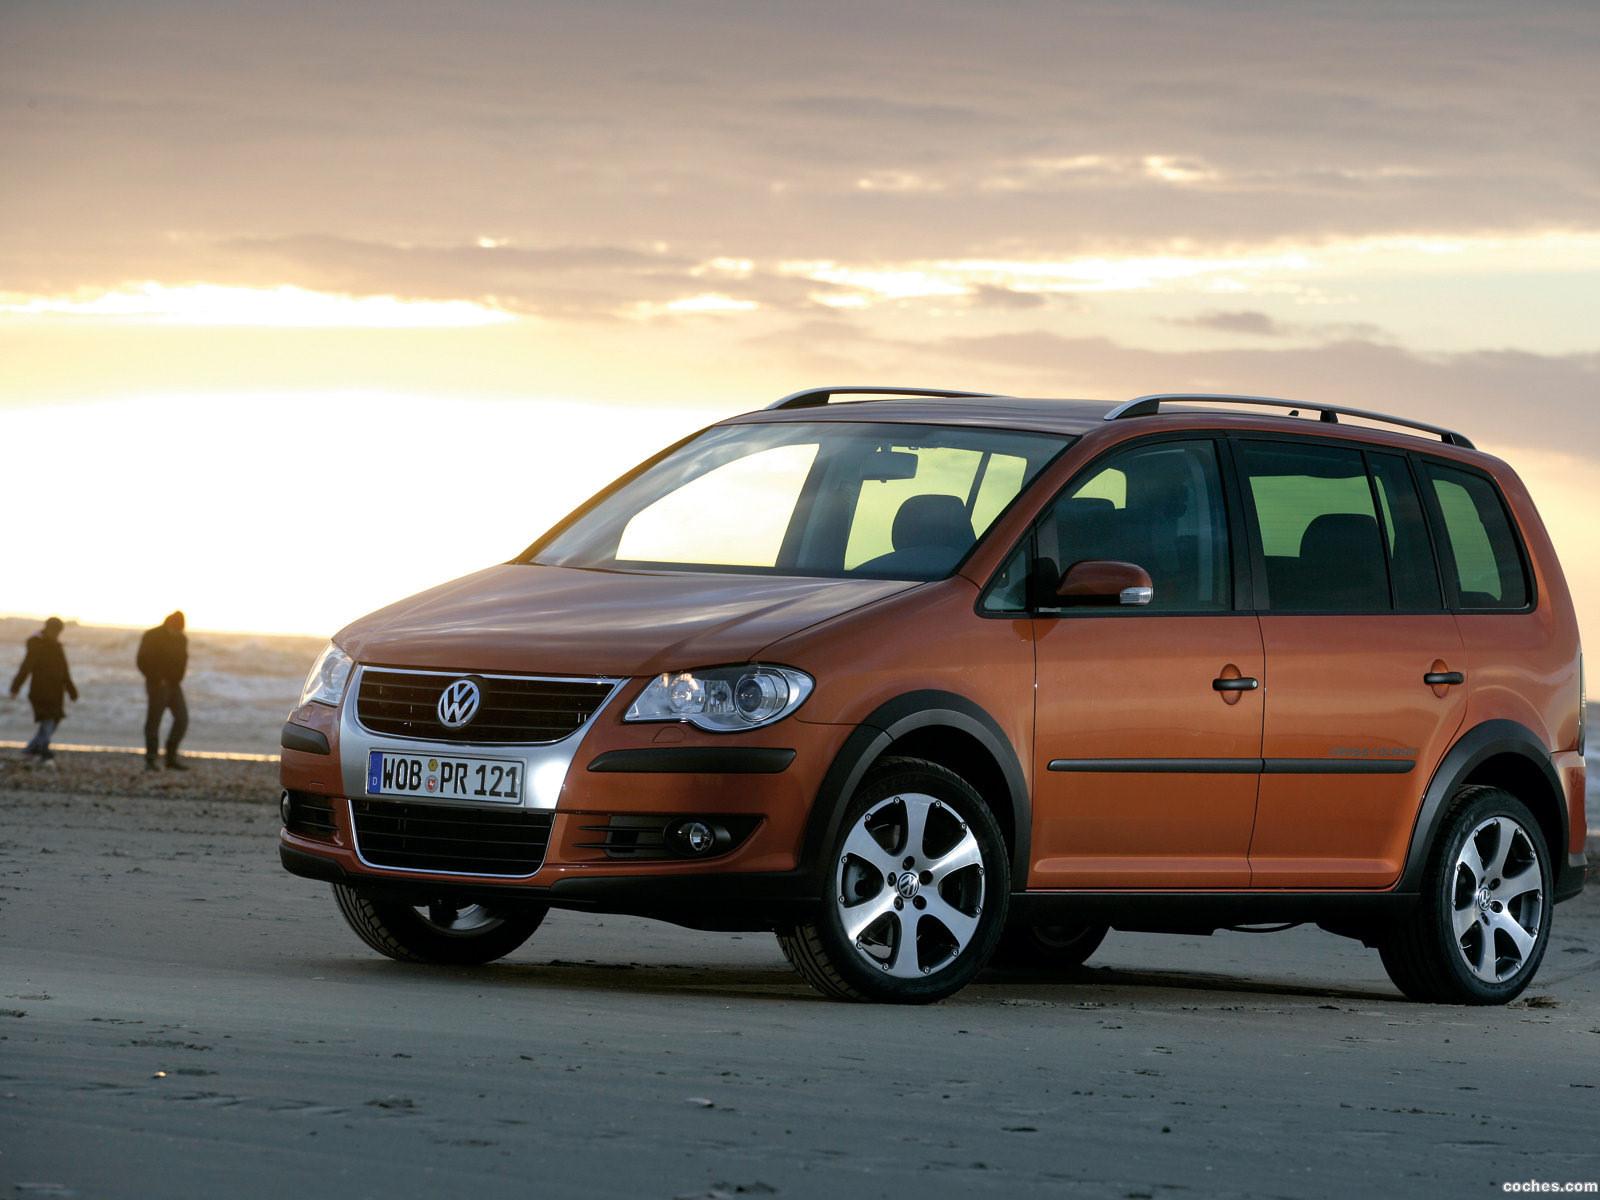 Foto 7 de Volkswagen Cross Touran 2007